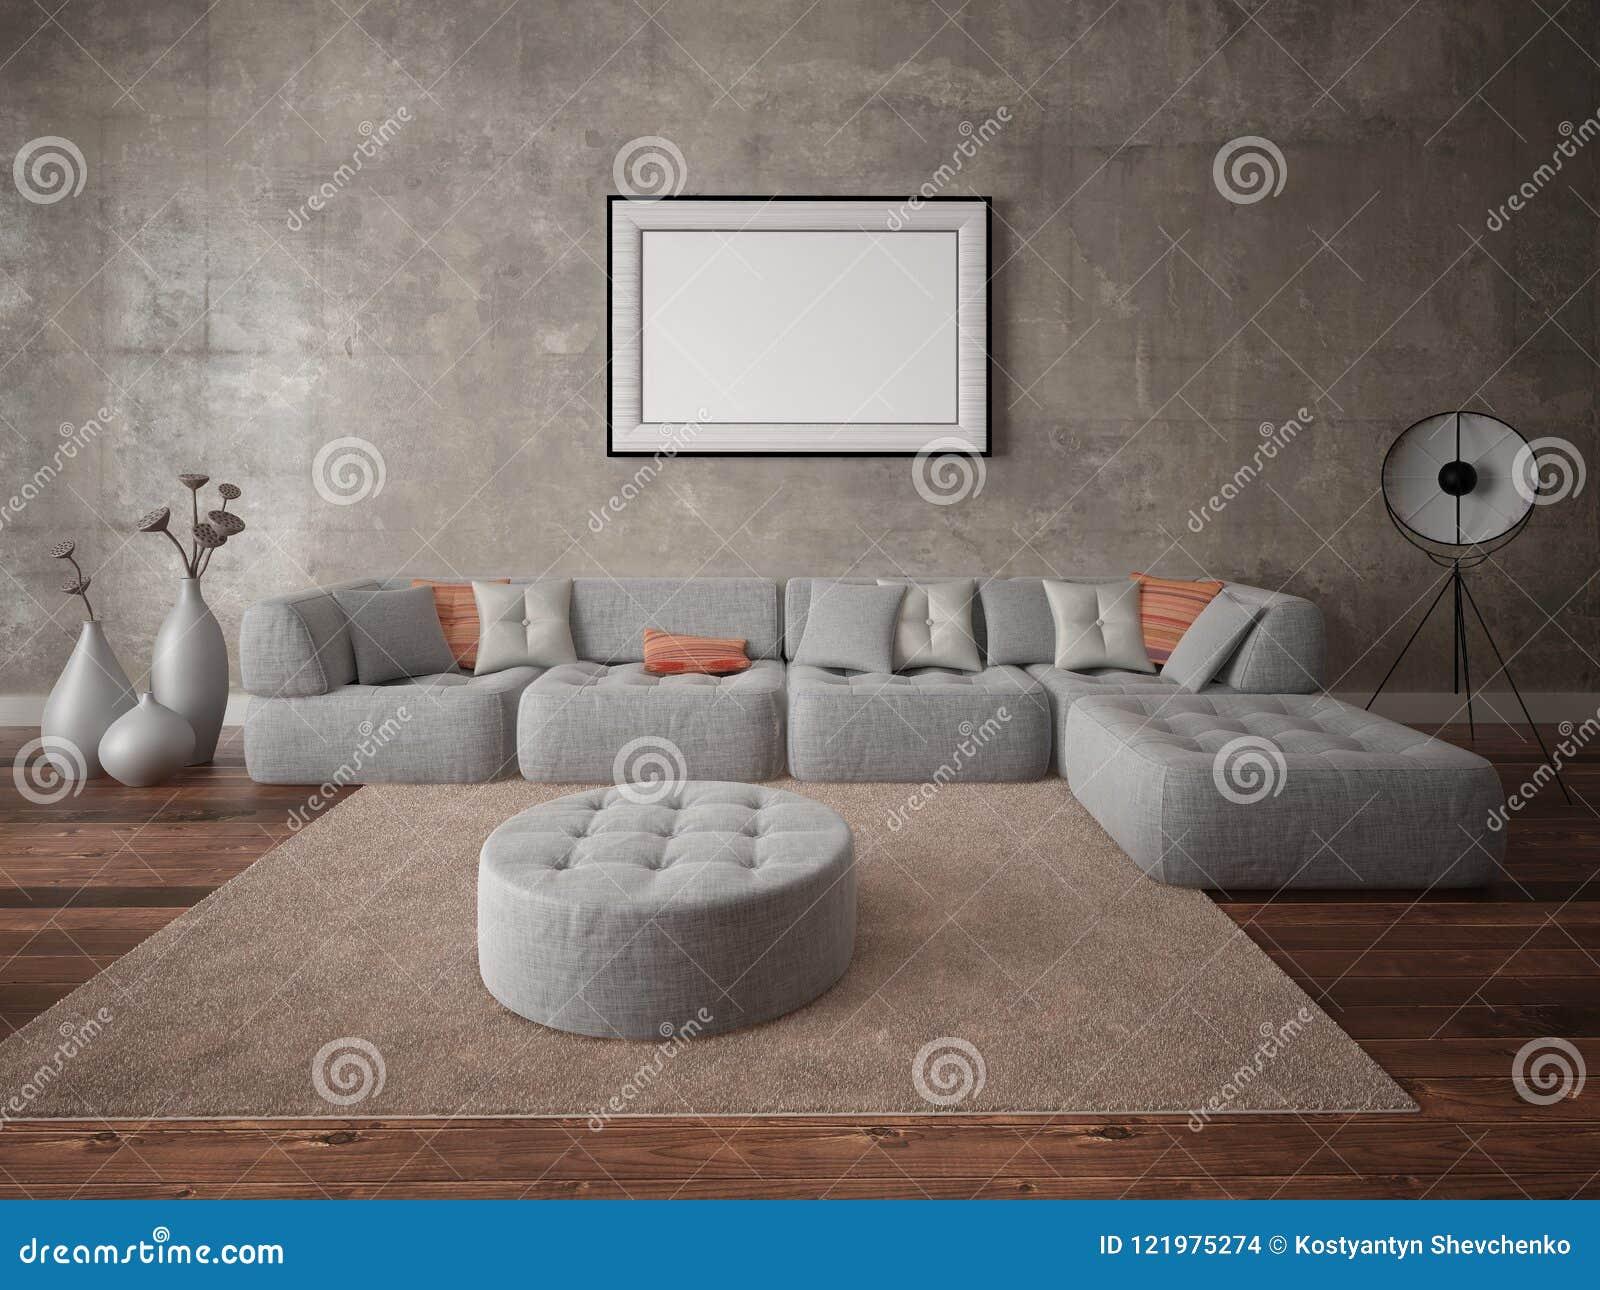 Spot omhoog de woonkamer in een moderne stijl met een grote